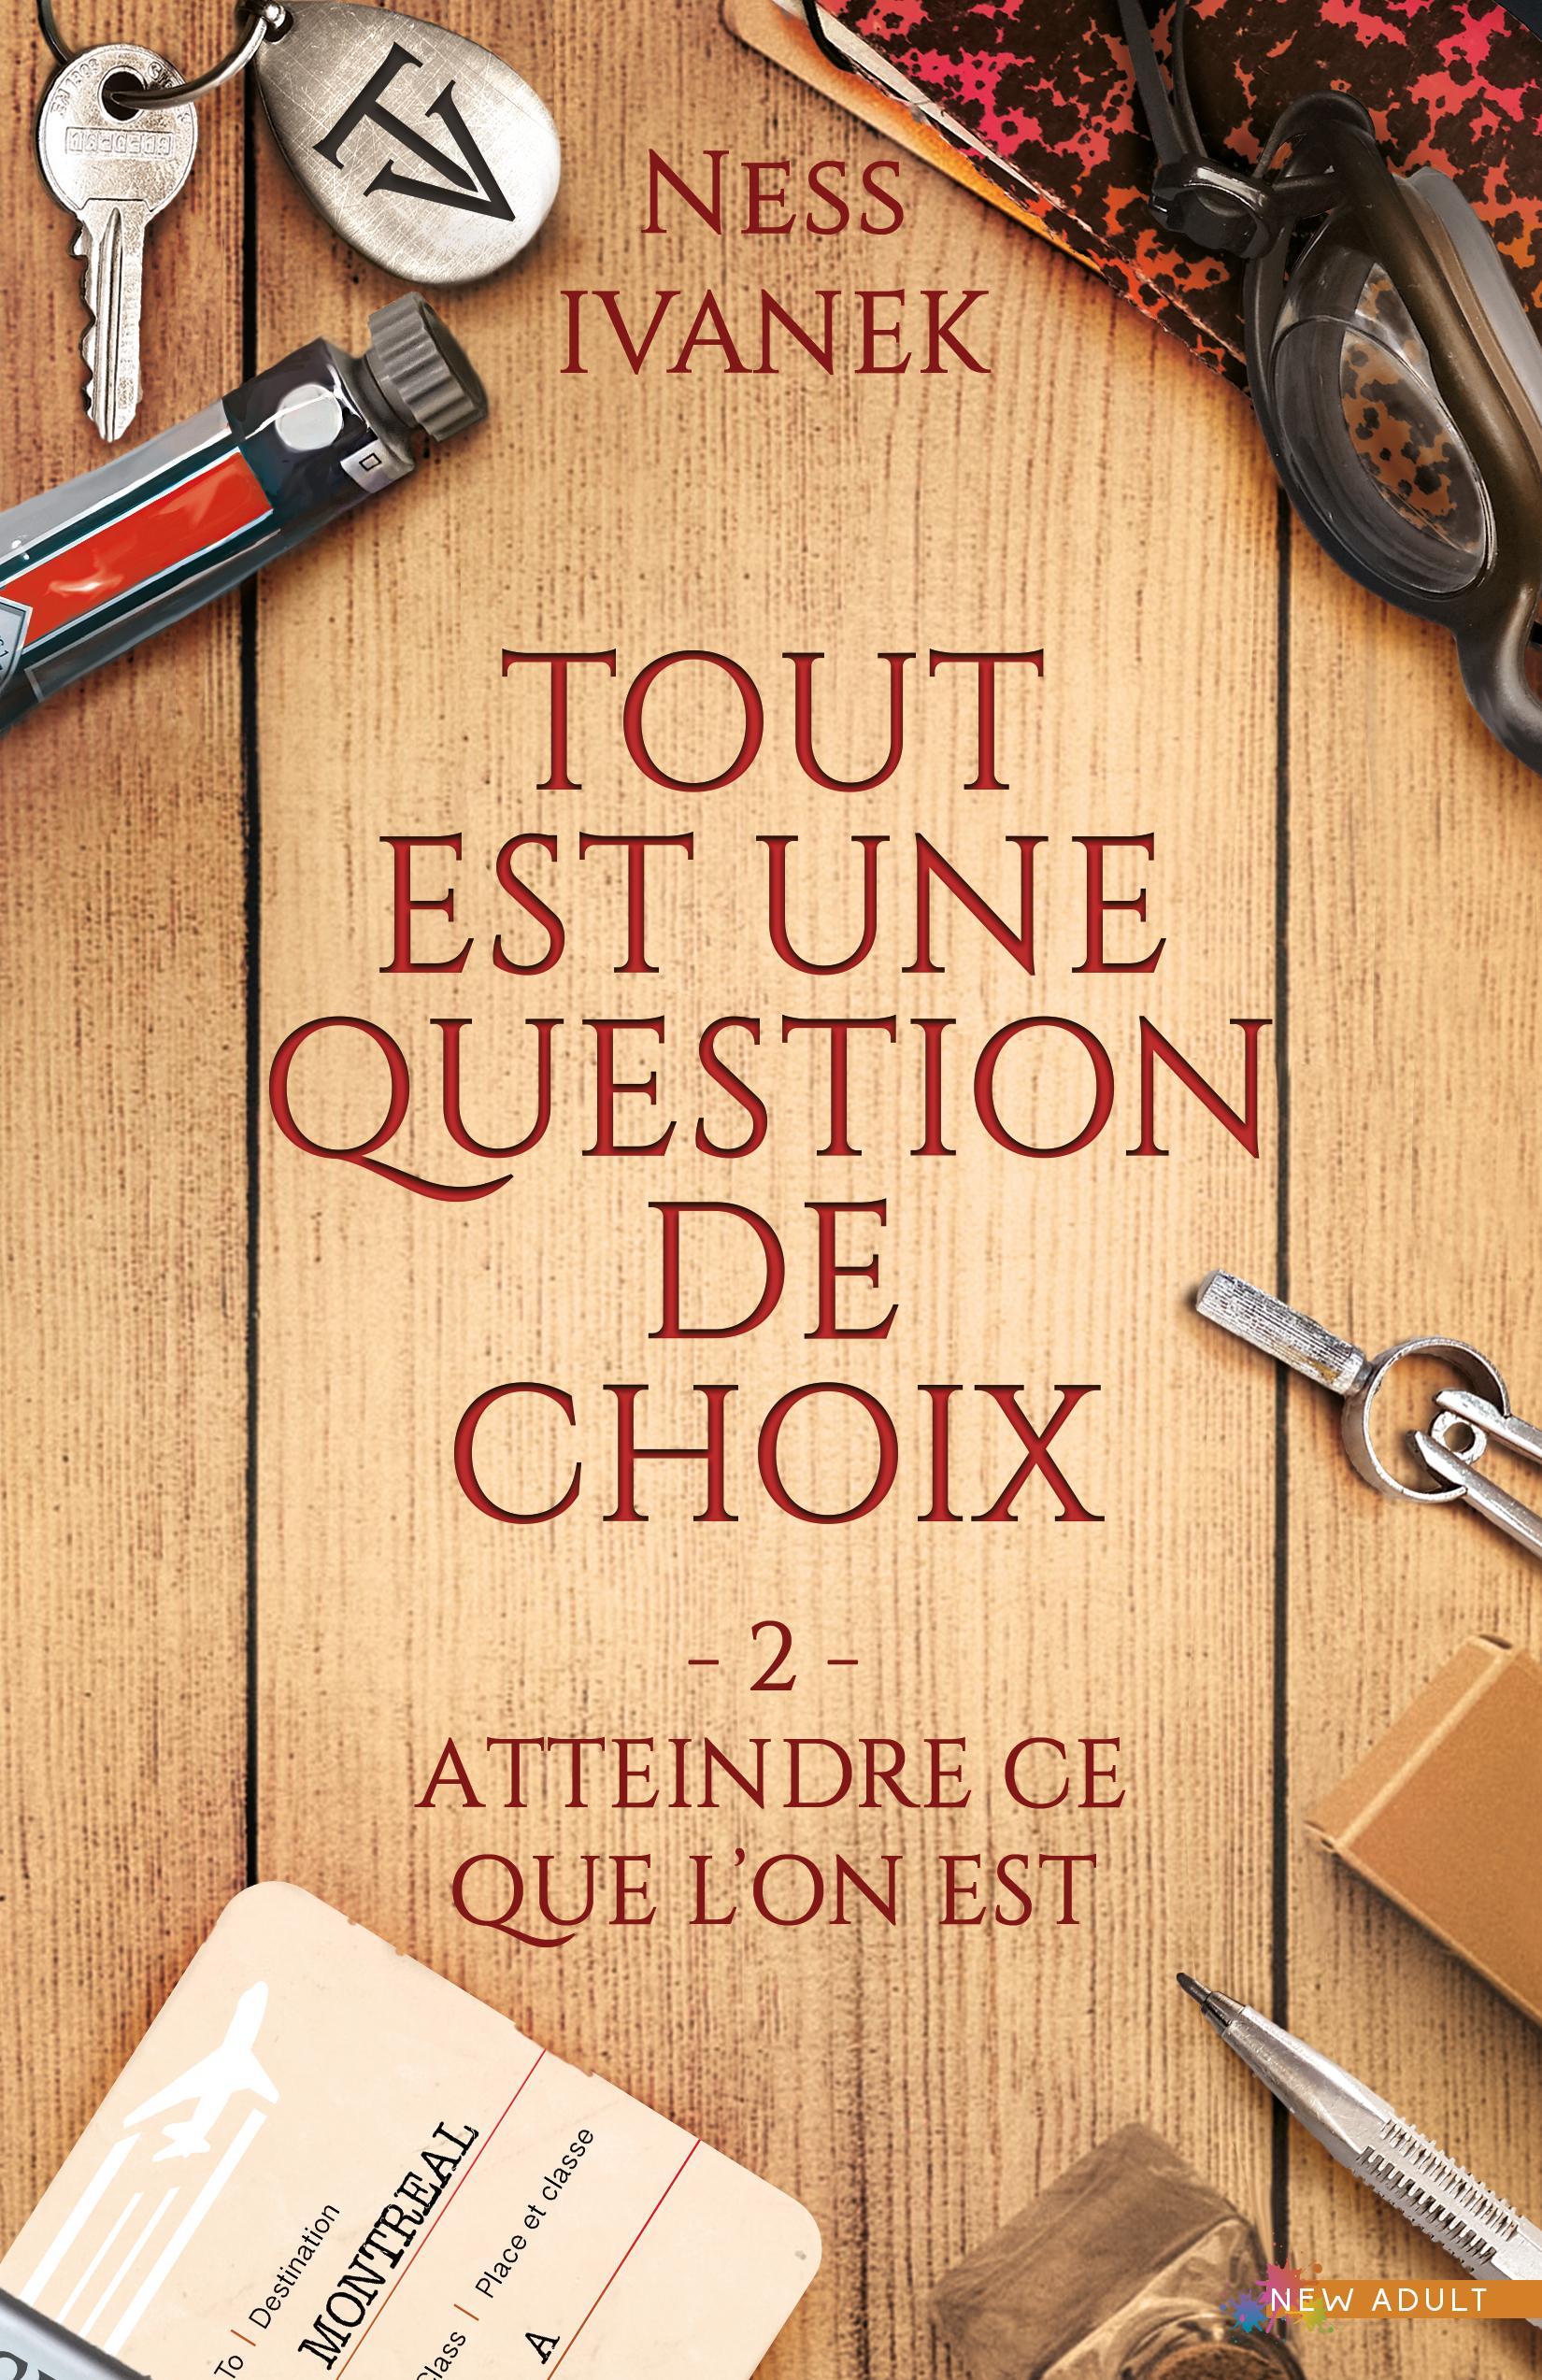 Atteindre ce que l'on est, TOUT EST UNE QUESTION DE CHOIX, T2